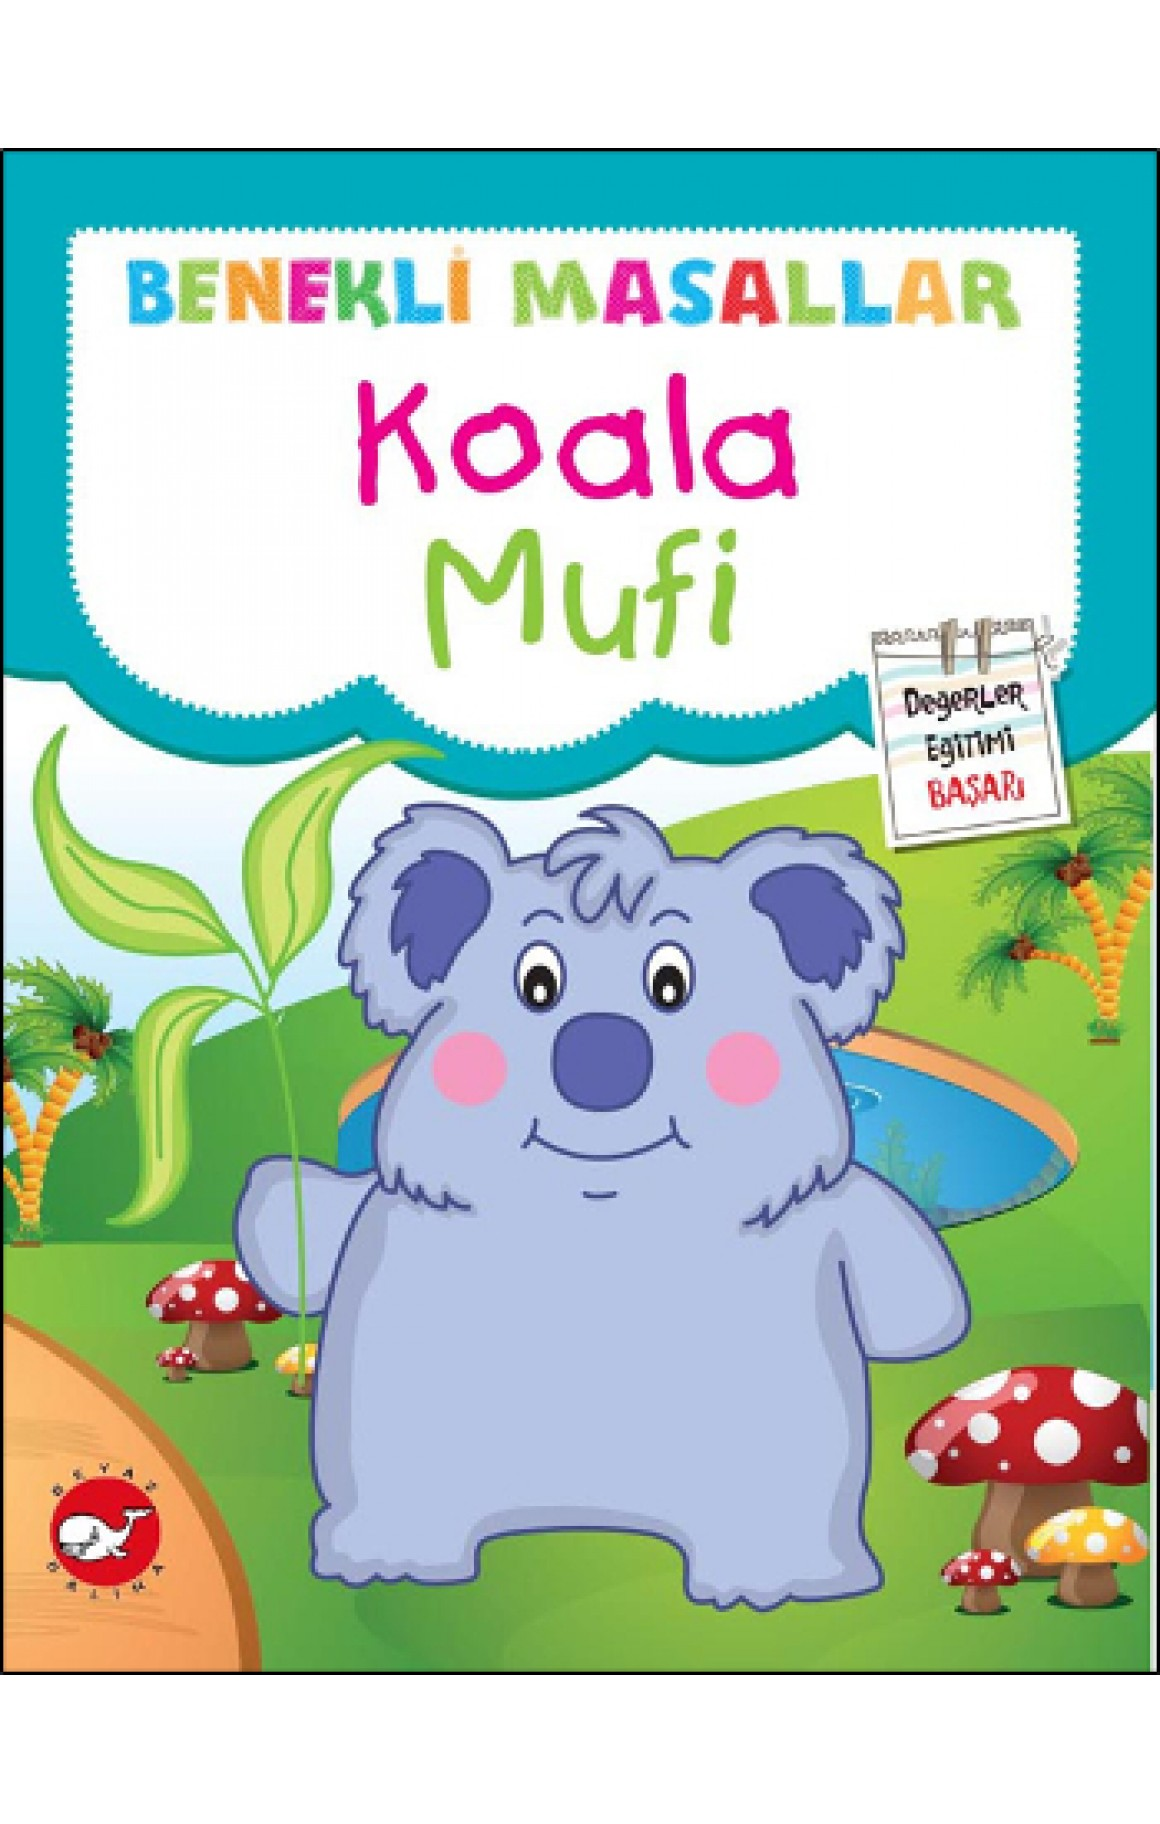 Benekli Masallar - Koala Mufi